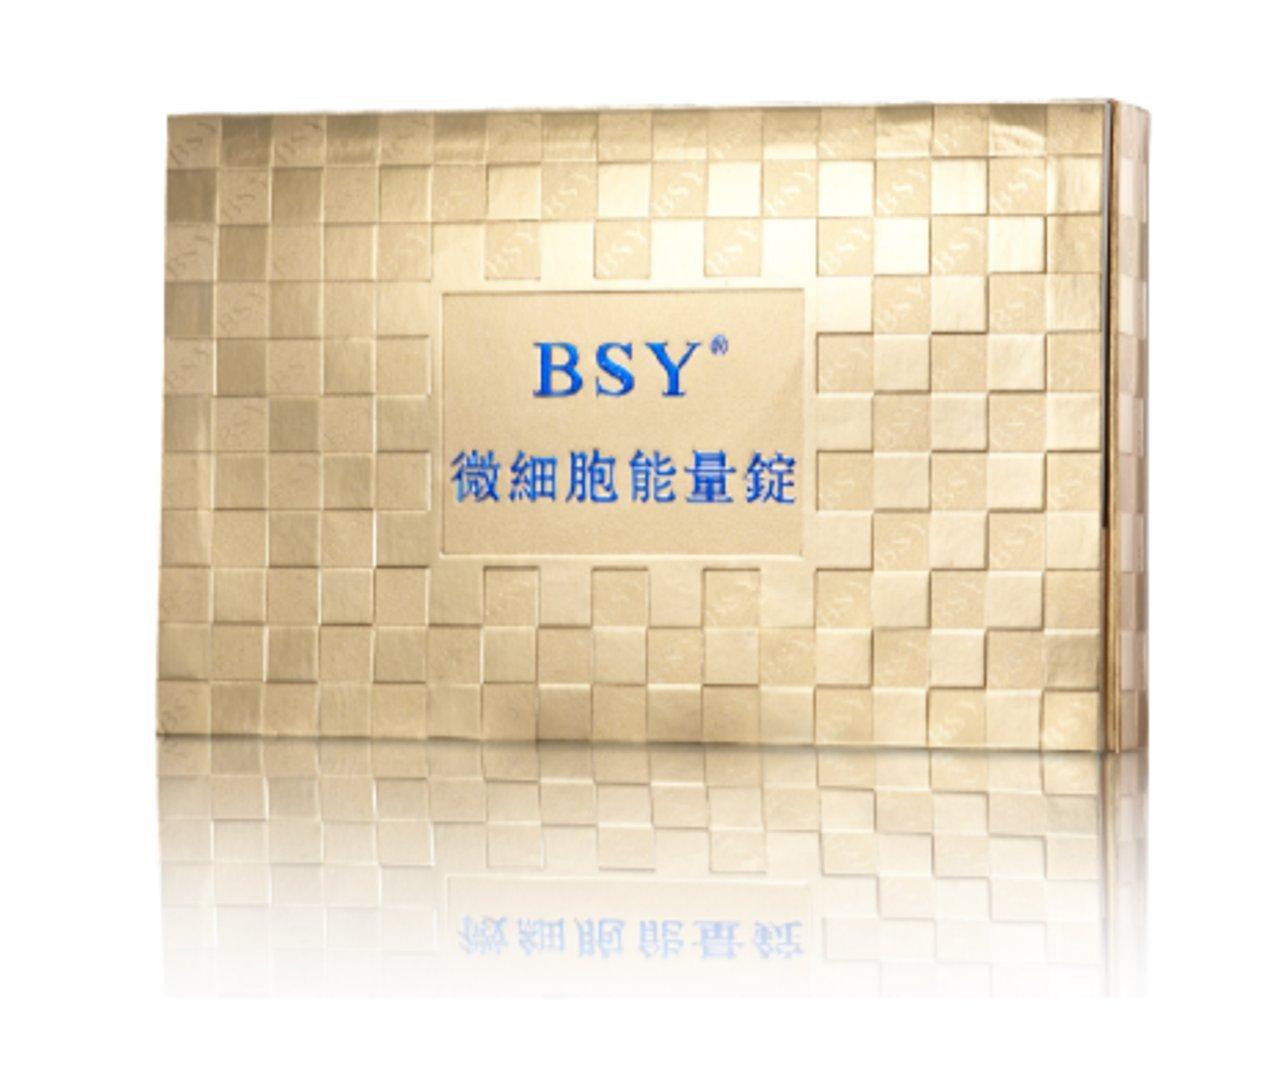 BSY, Microcell Energy Ingot